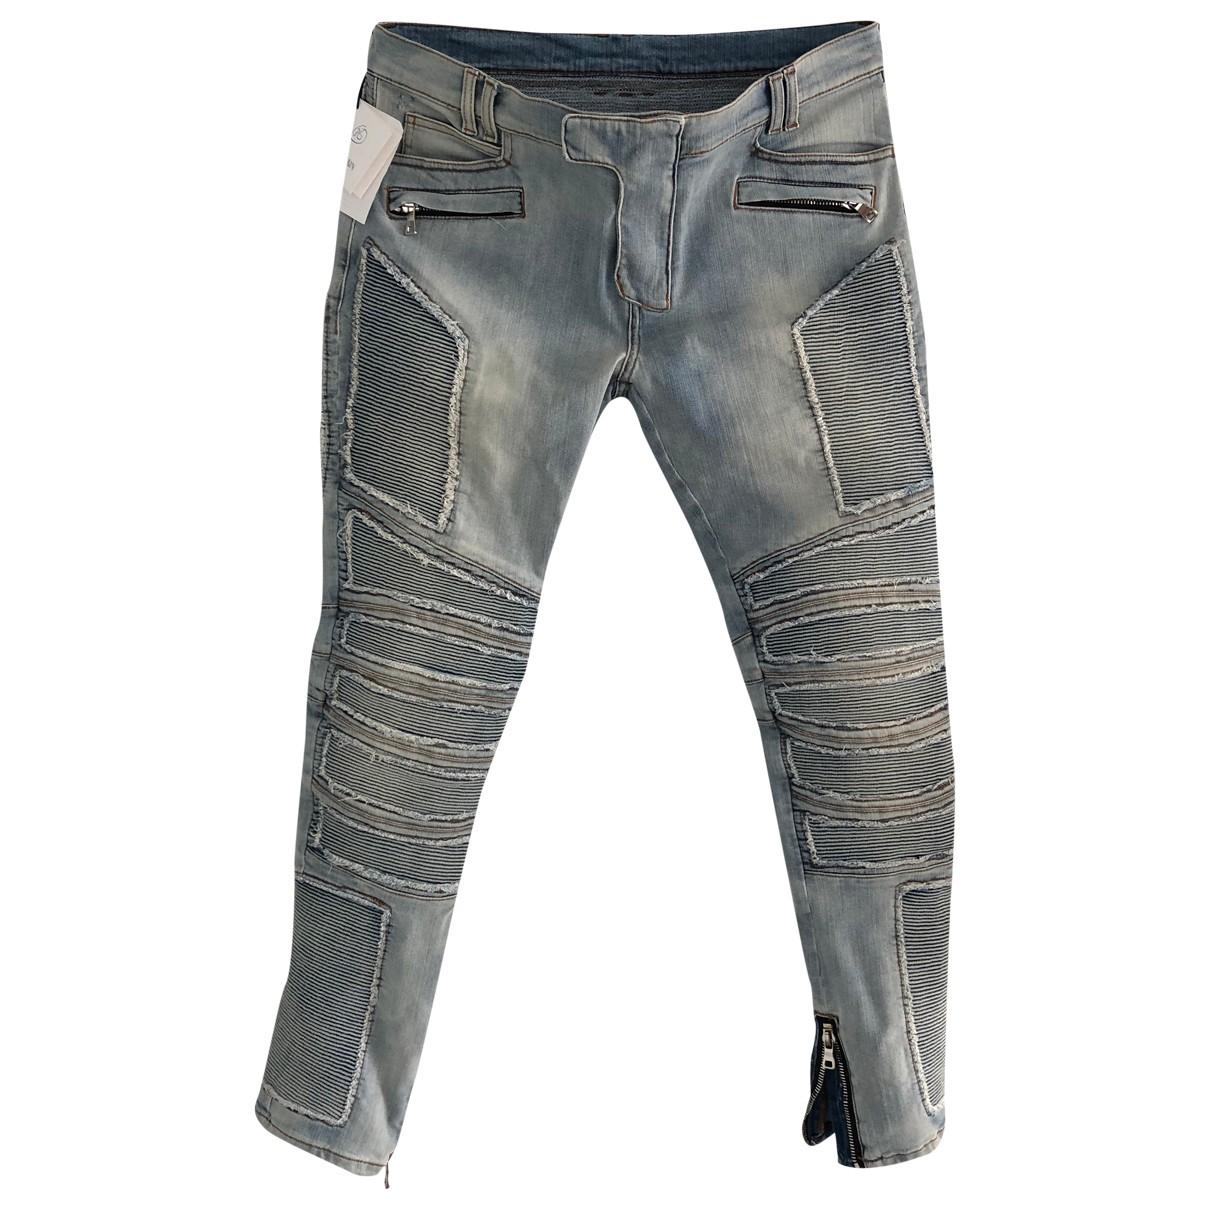 Balmain - Jean   pour homme en coton - elasthane - bleu